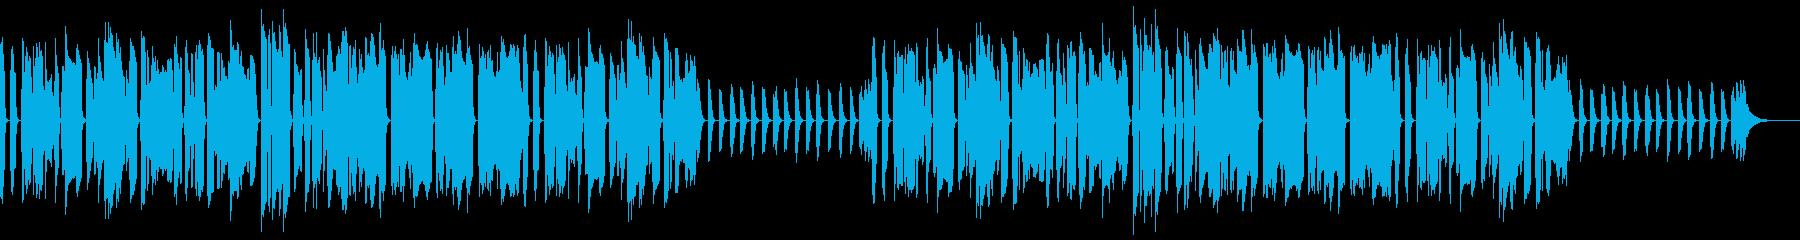 奇妙・リコーダー・コミカル・へっぽこの再生済みの波形